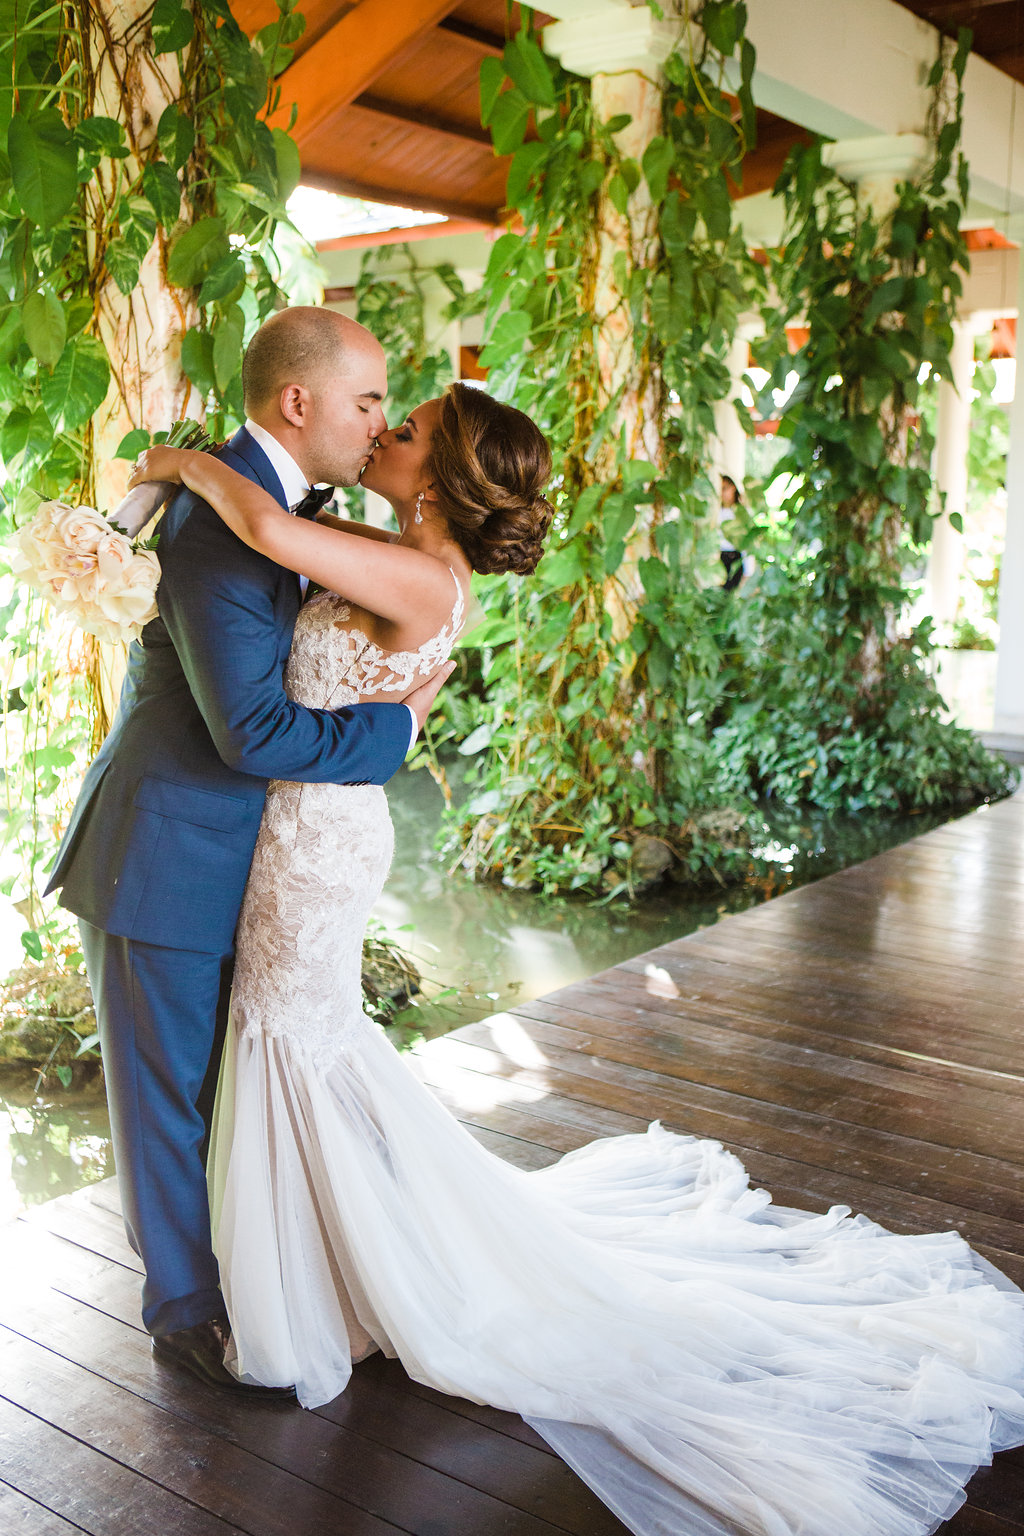 OUR WEDDING AT PARADISUS PUNTA CANA